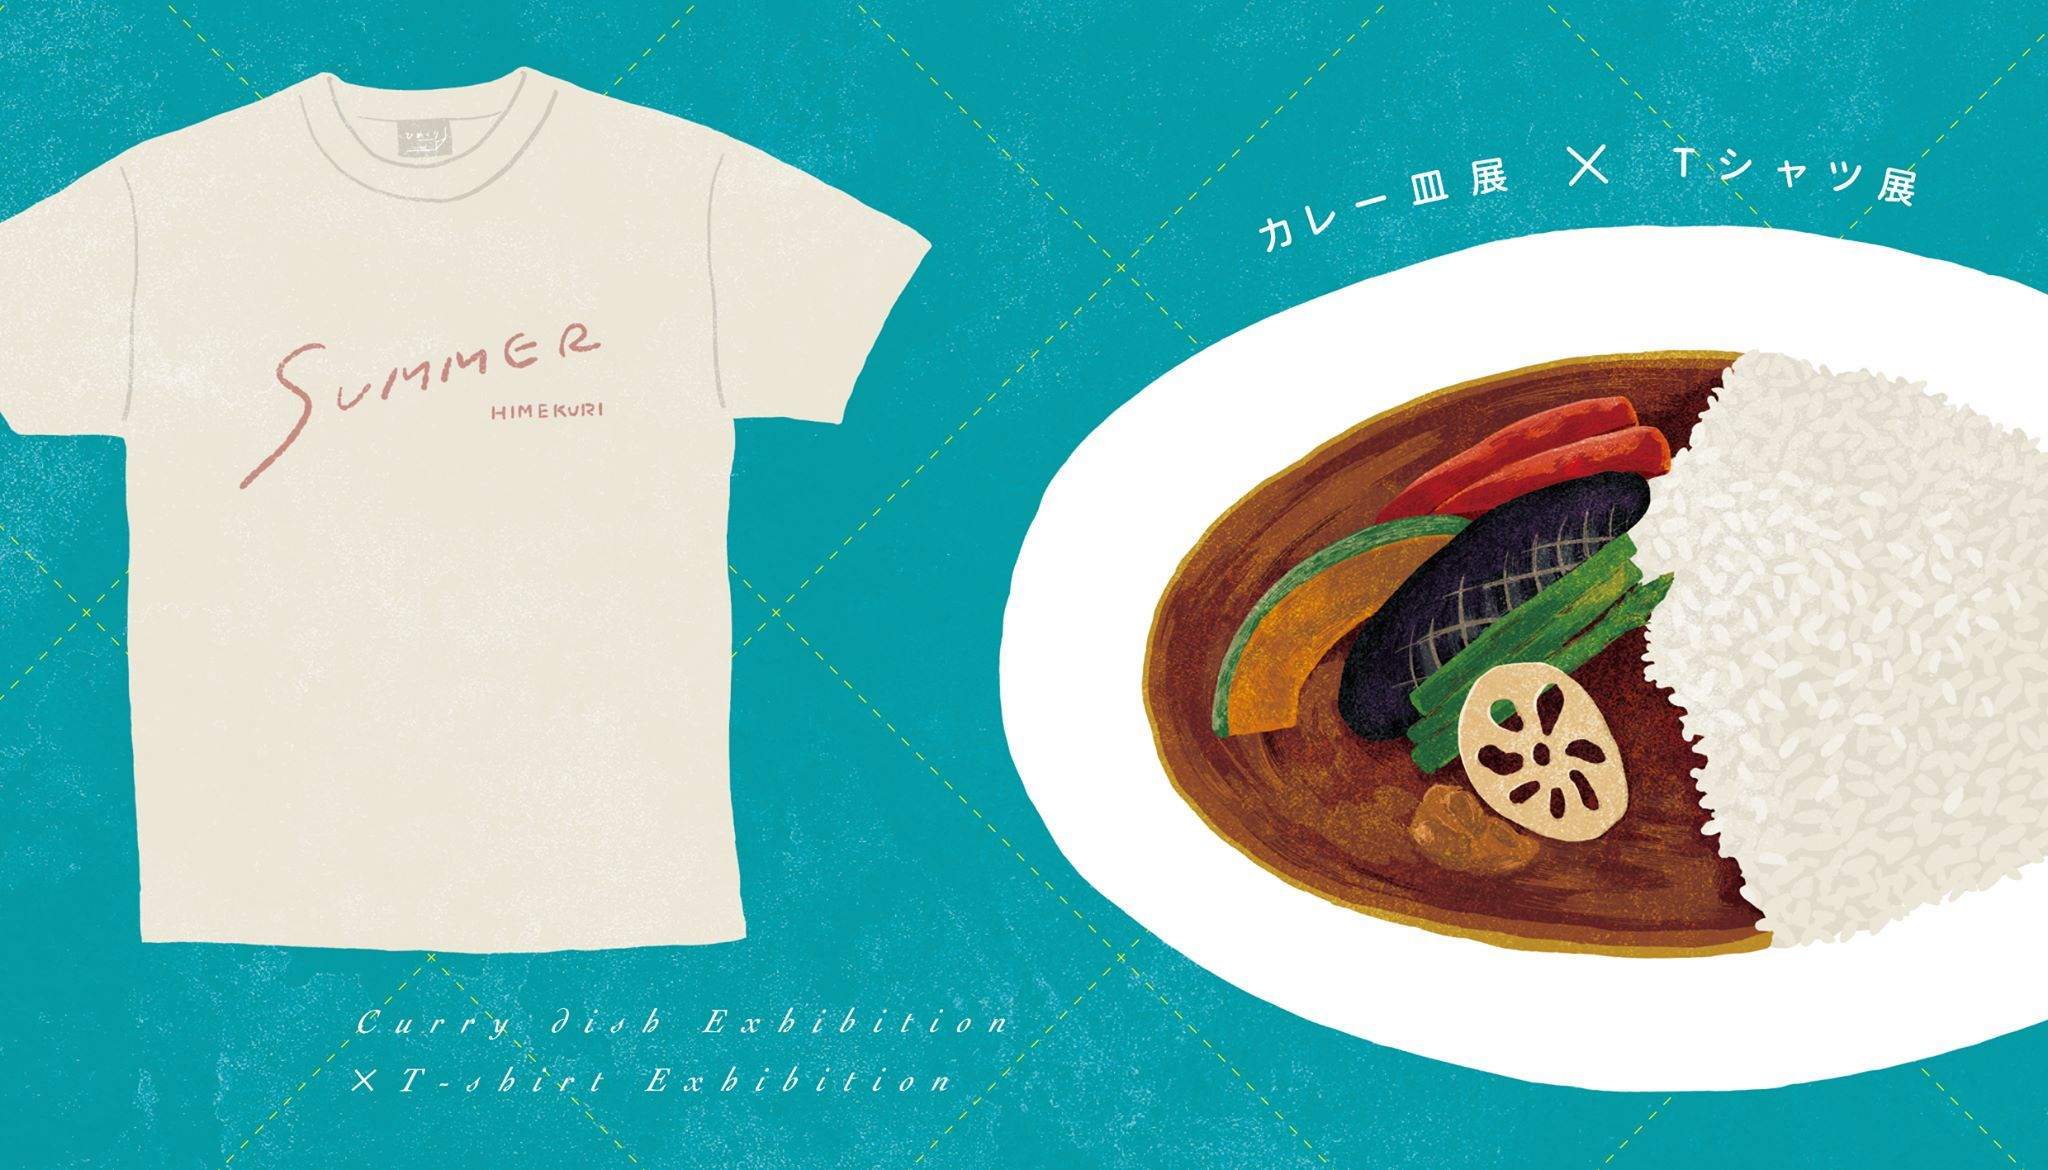 カレー皿展 × Tシャツ展_a0233551_13471962.jpg